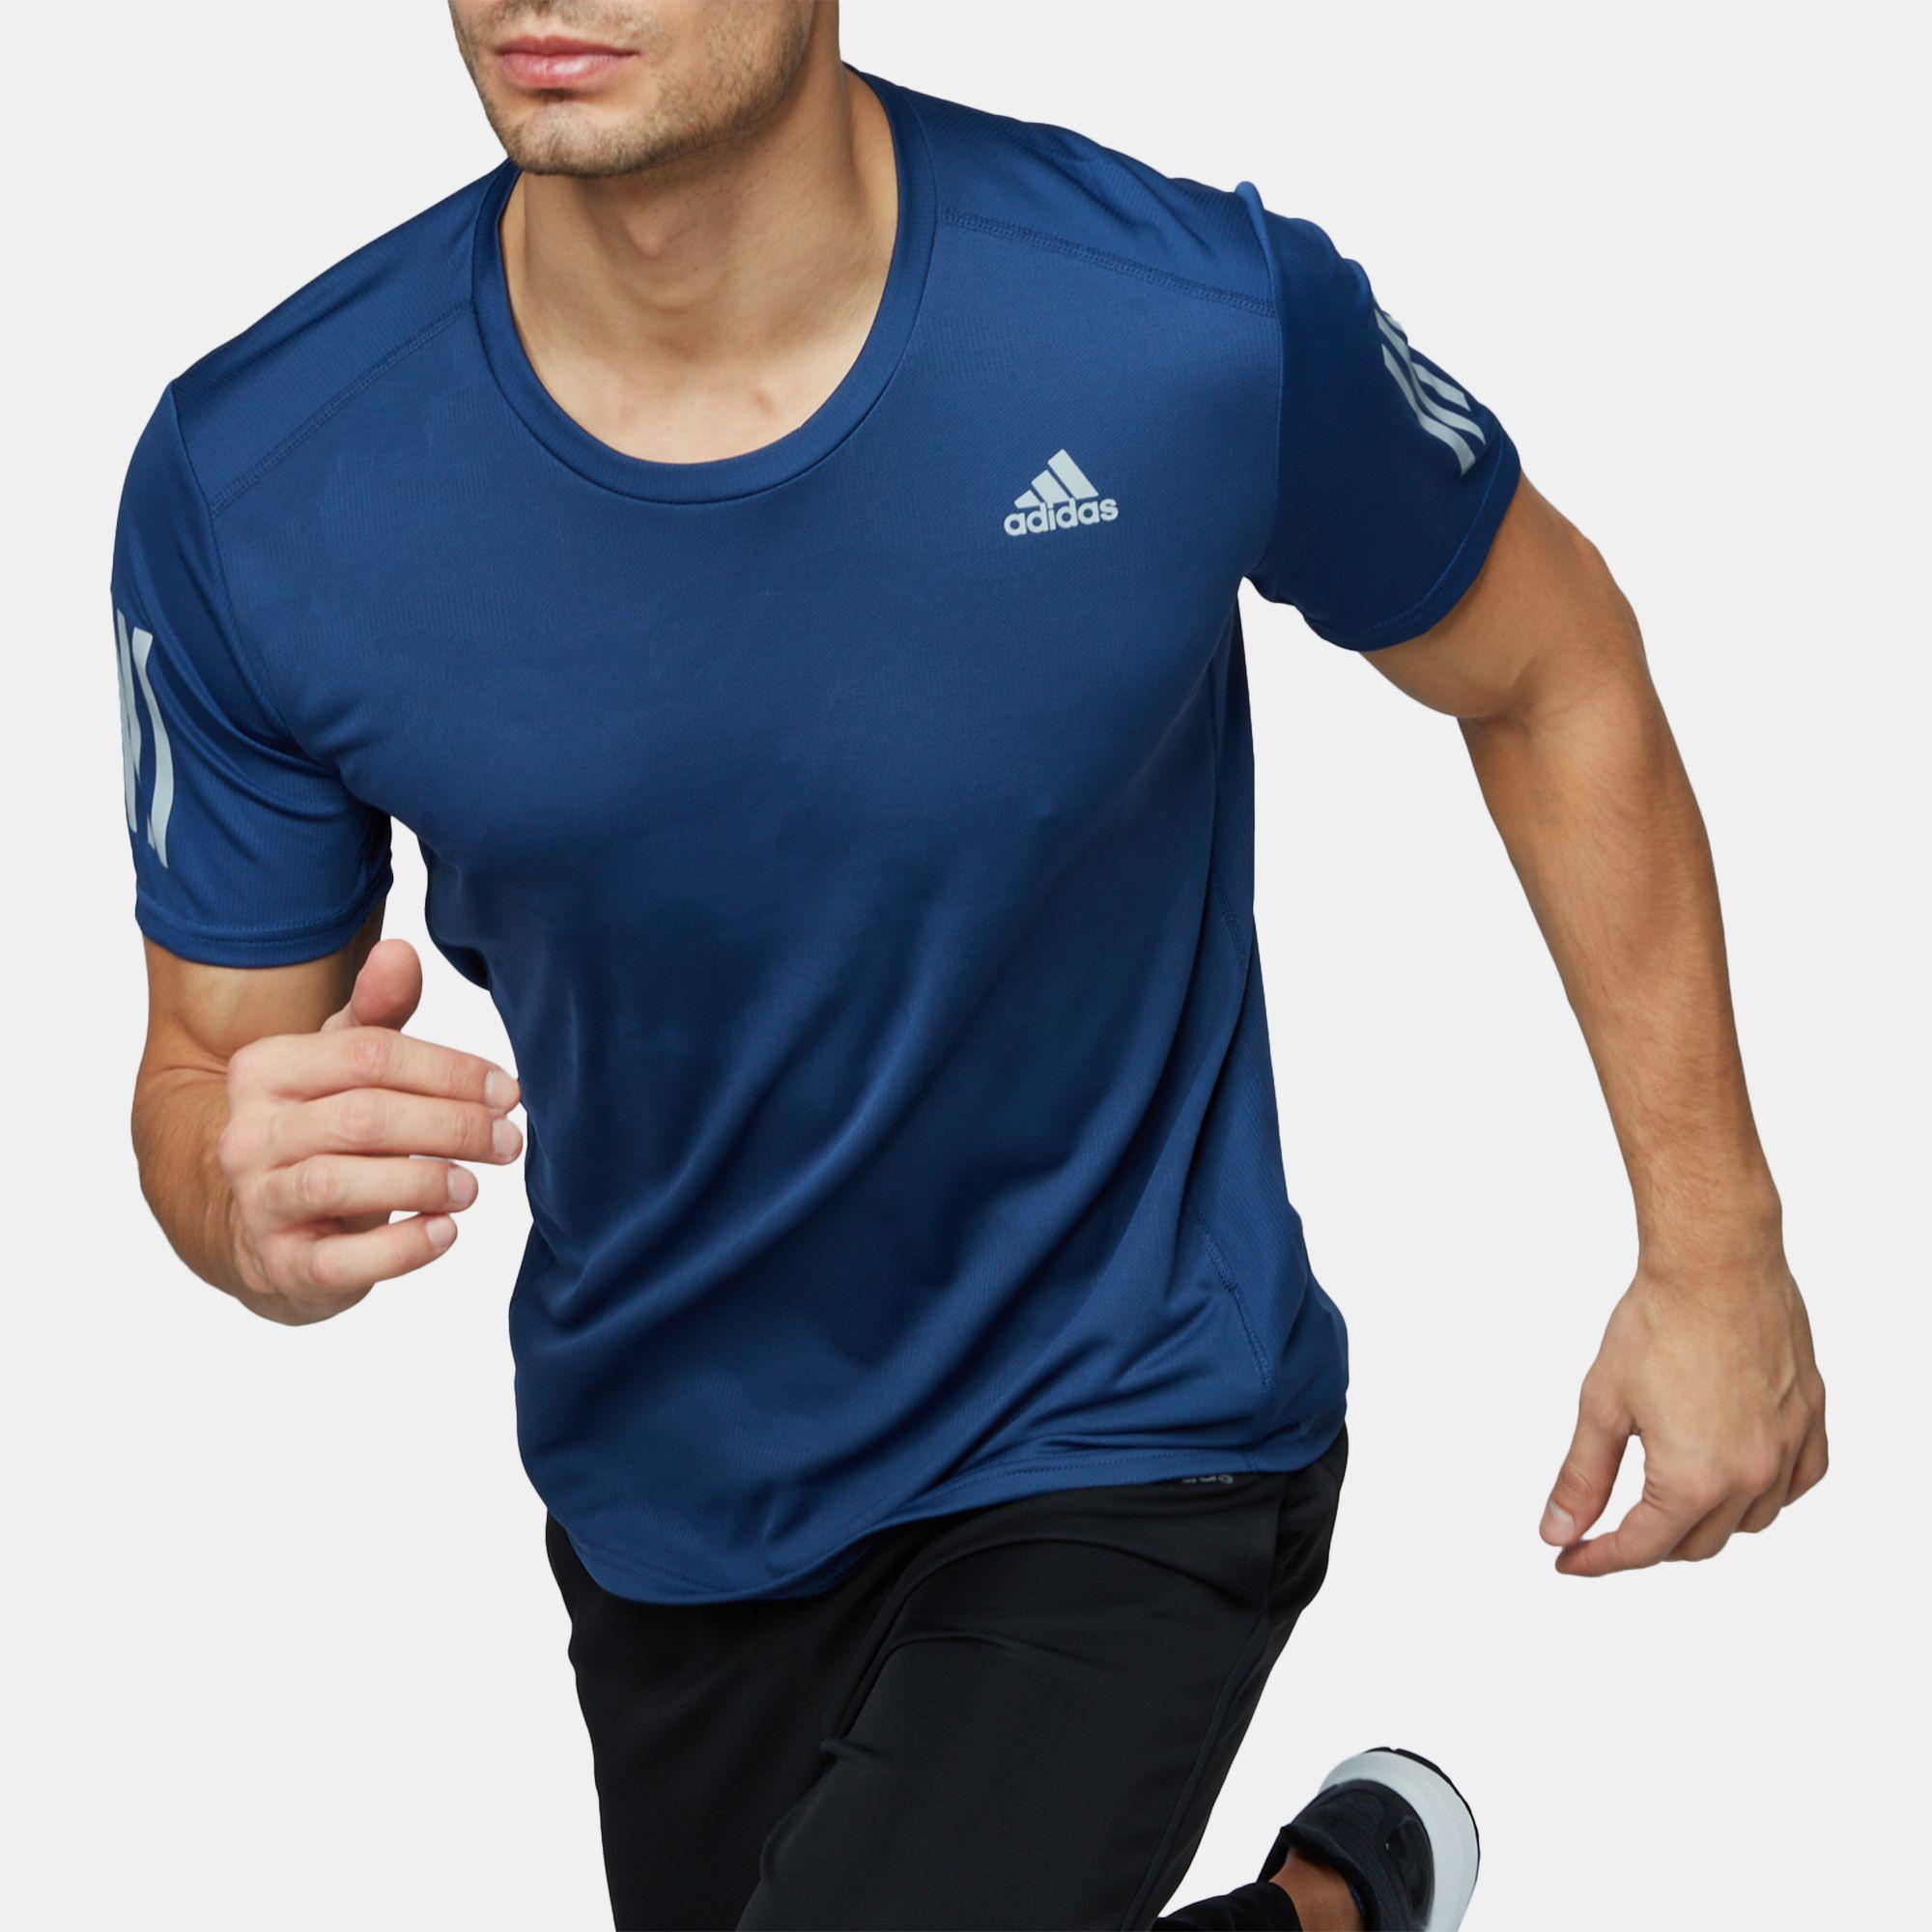 adidas risposta in t - shirt t shirt al massimo dell'abbigliamento maschile